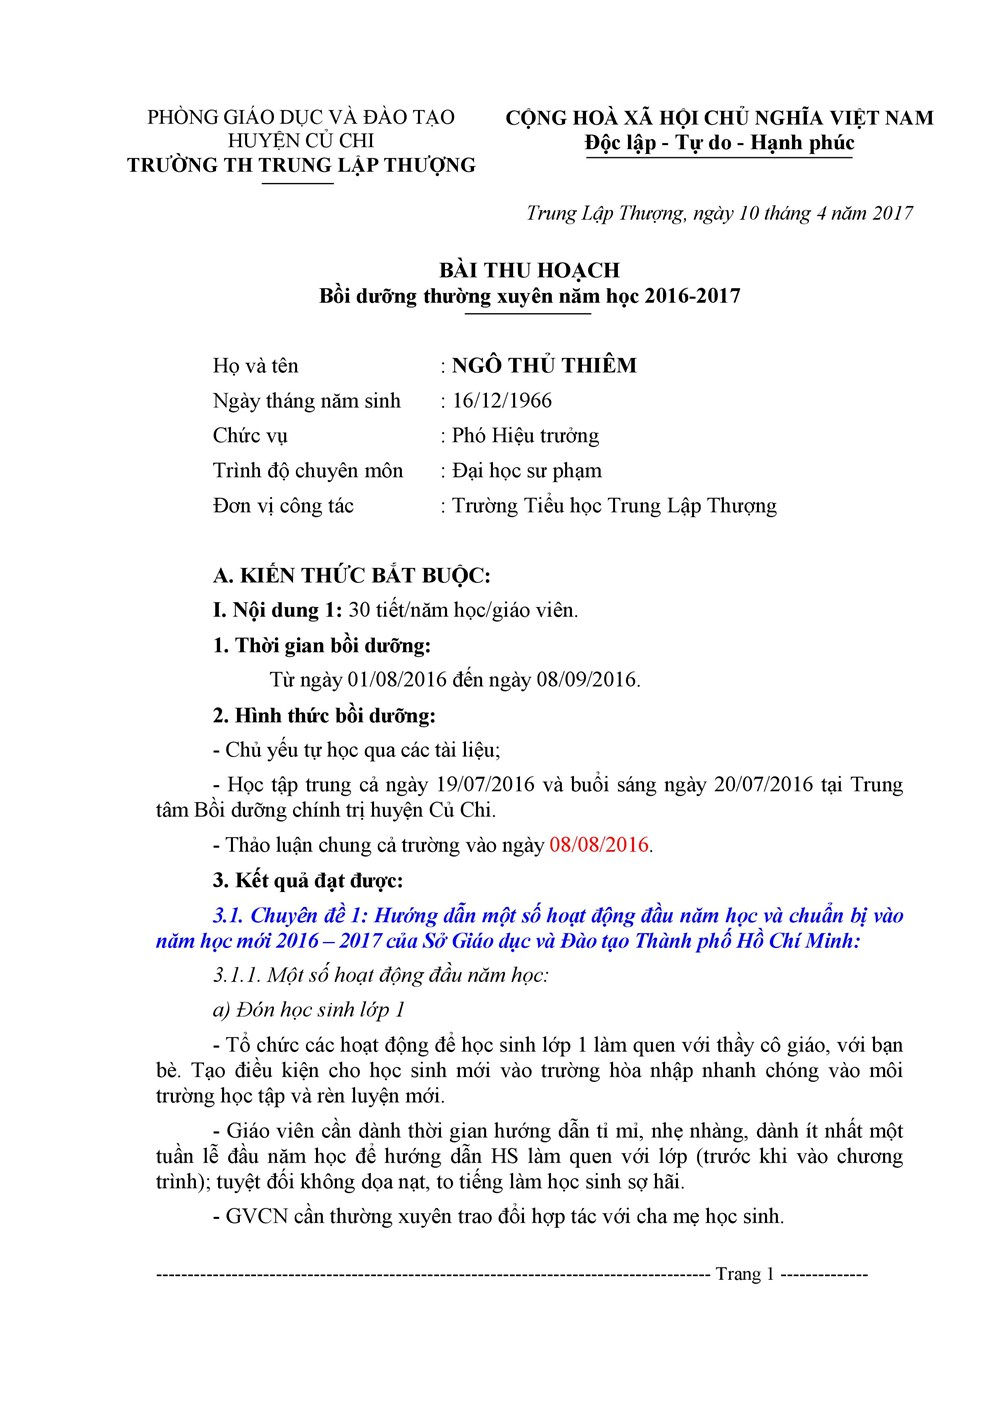 bài thu hoạch modun 15 tiểu học